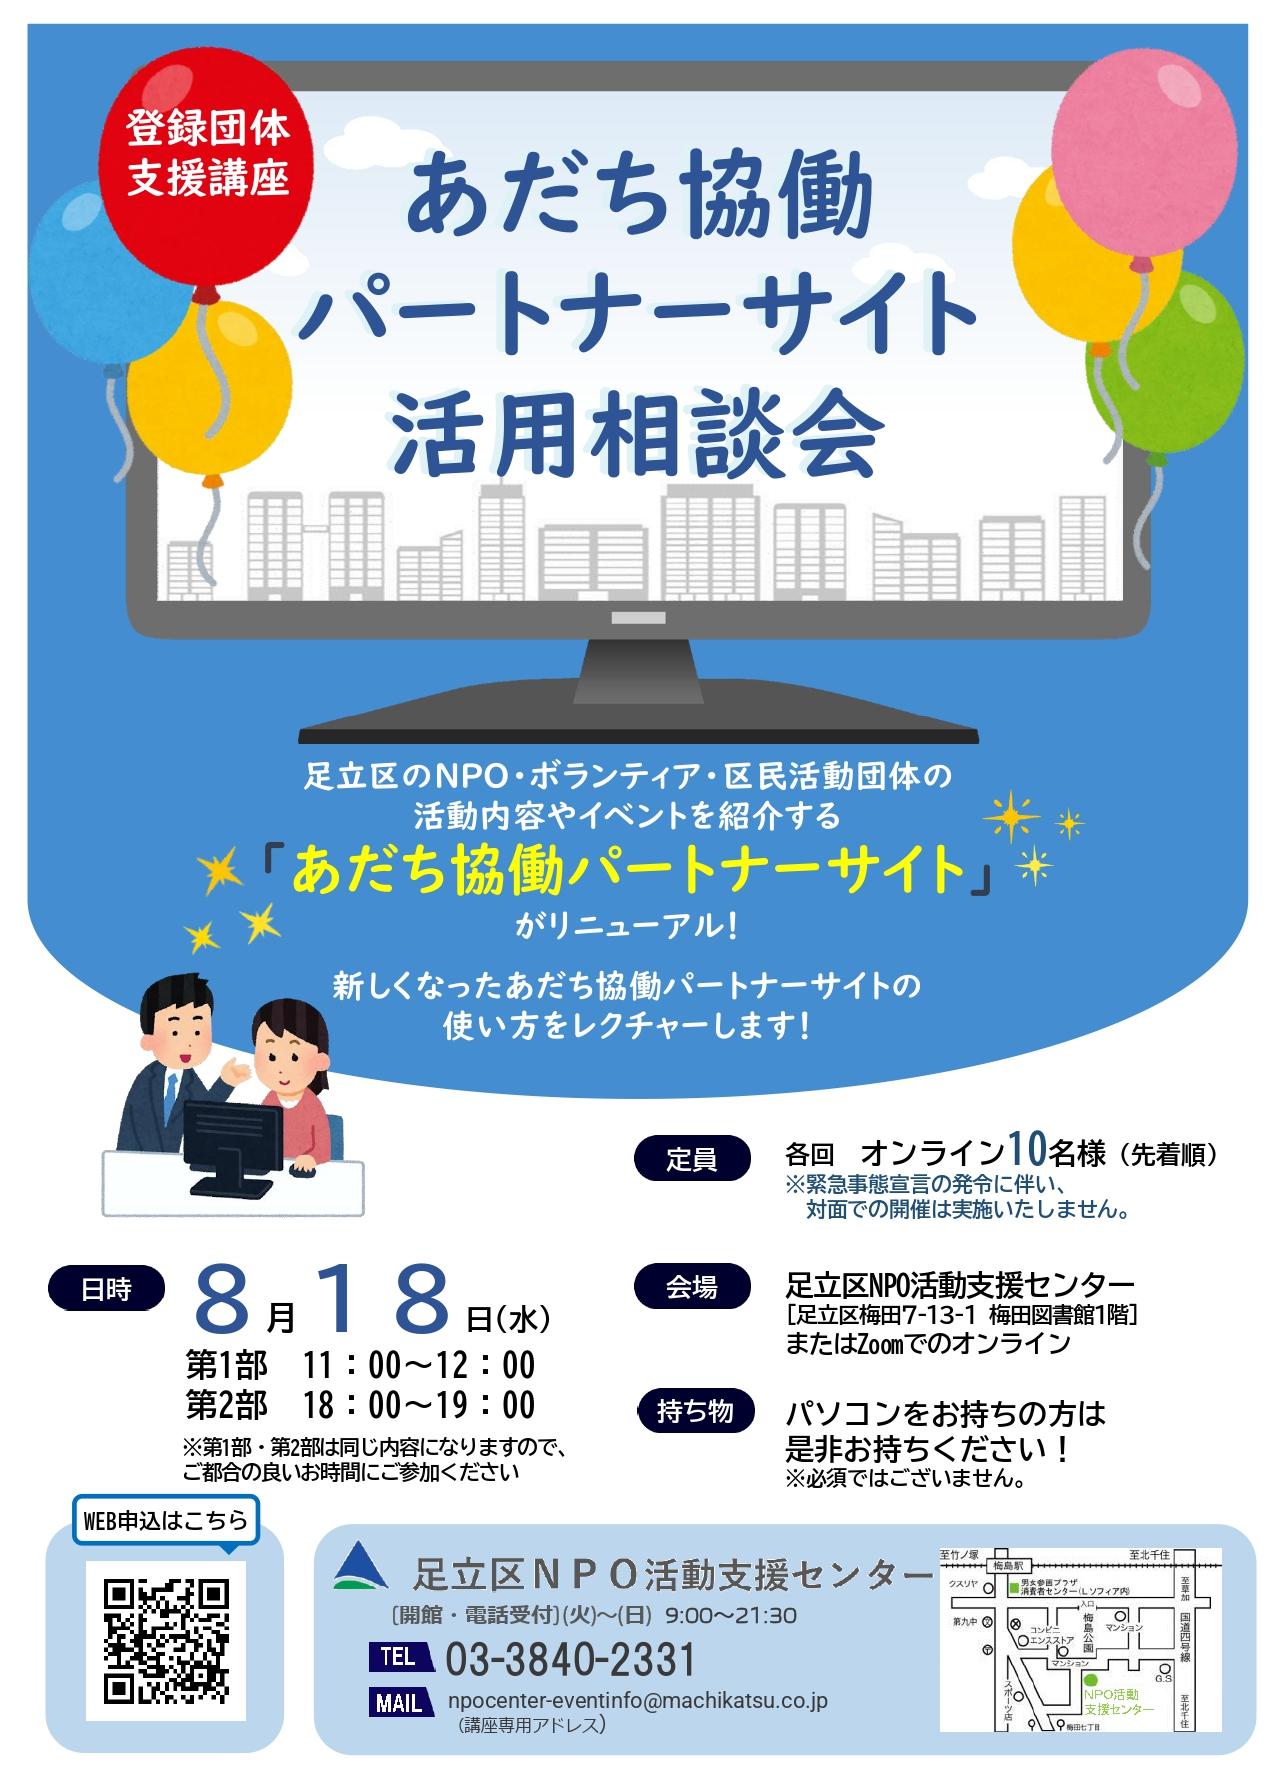 0818あだち協働パートナーサイト活用相談会.jpg